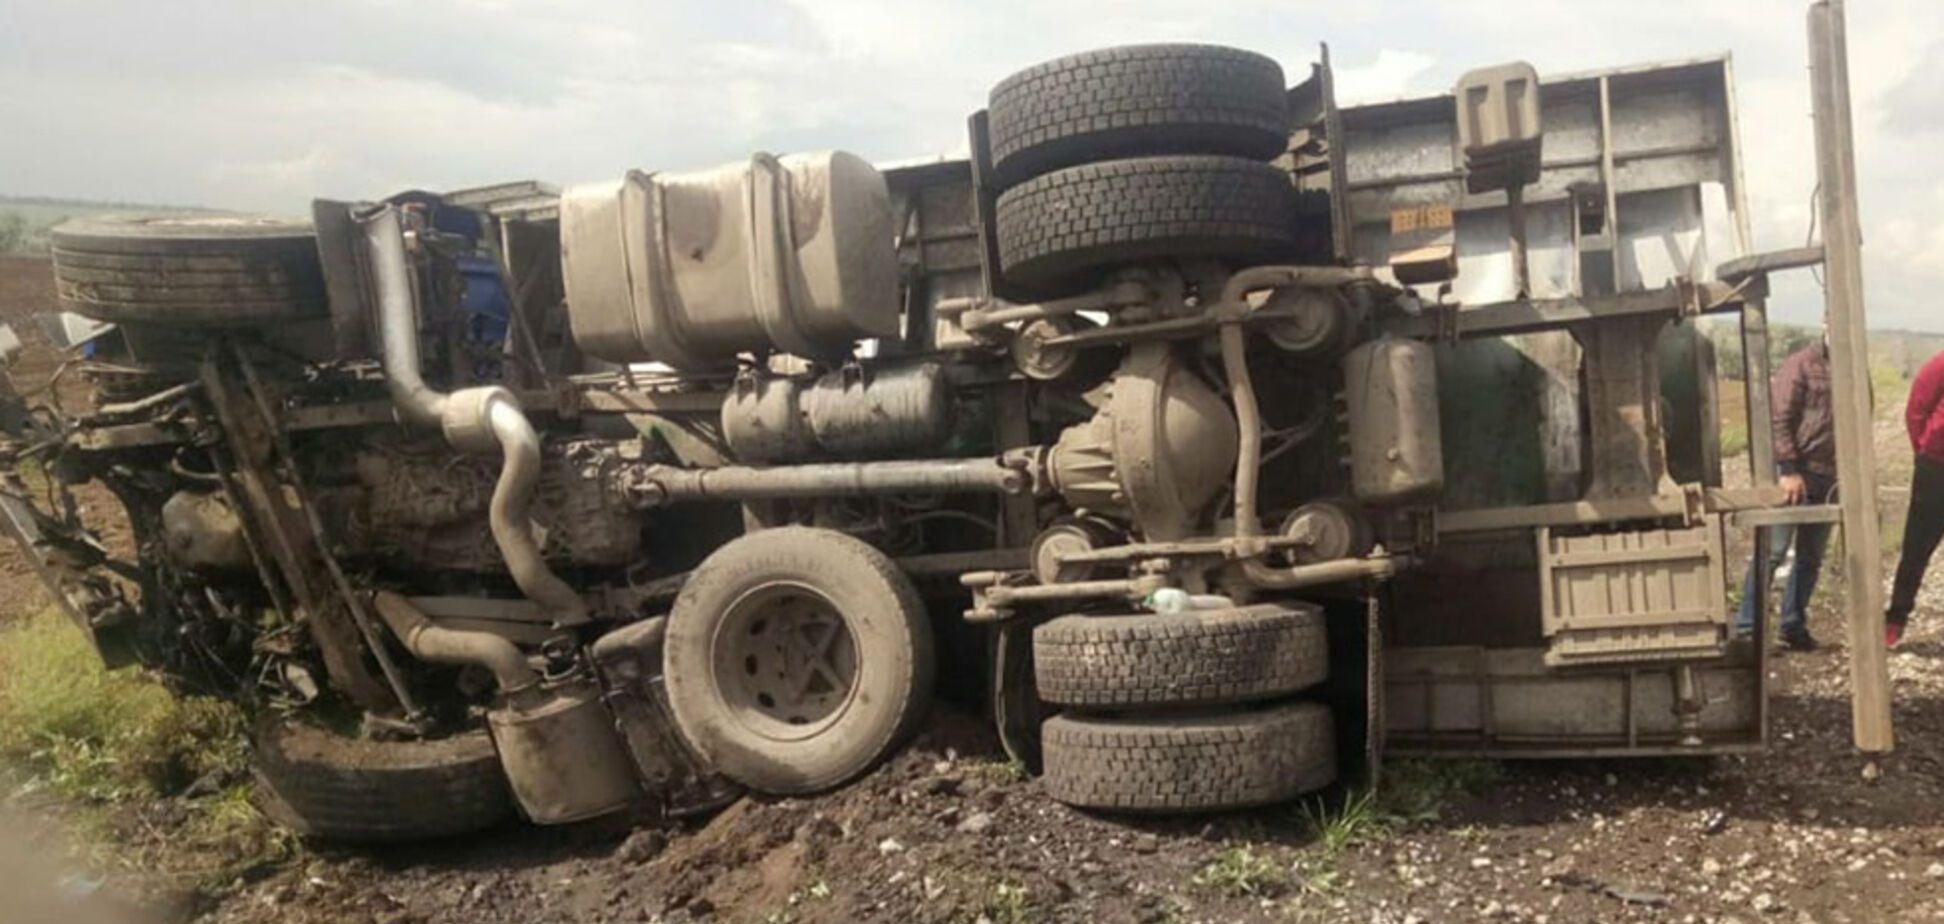 На трасі під Дніпром автомобіль протаранив автоцистерну: постраждала сім'я